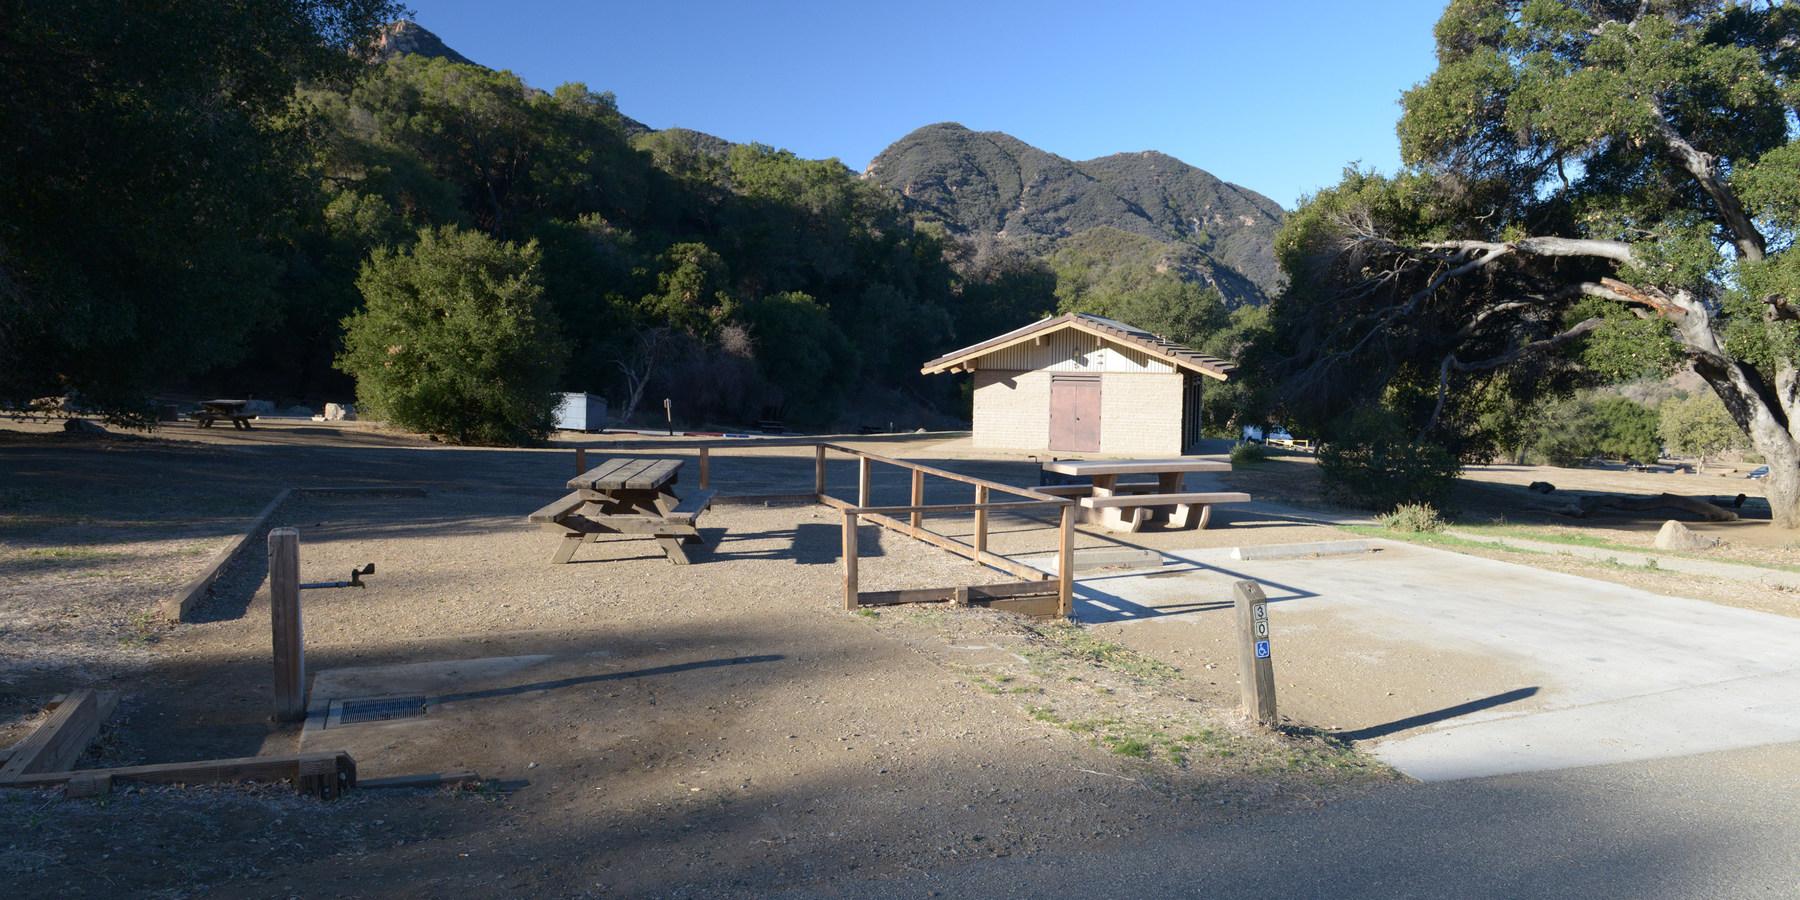 Malibu Creek State Park Camping Dogs